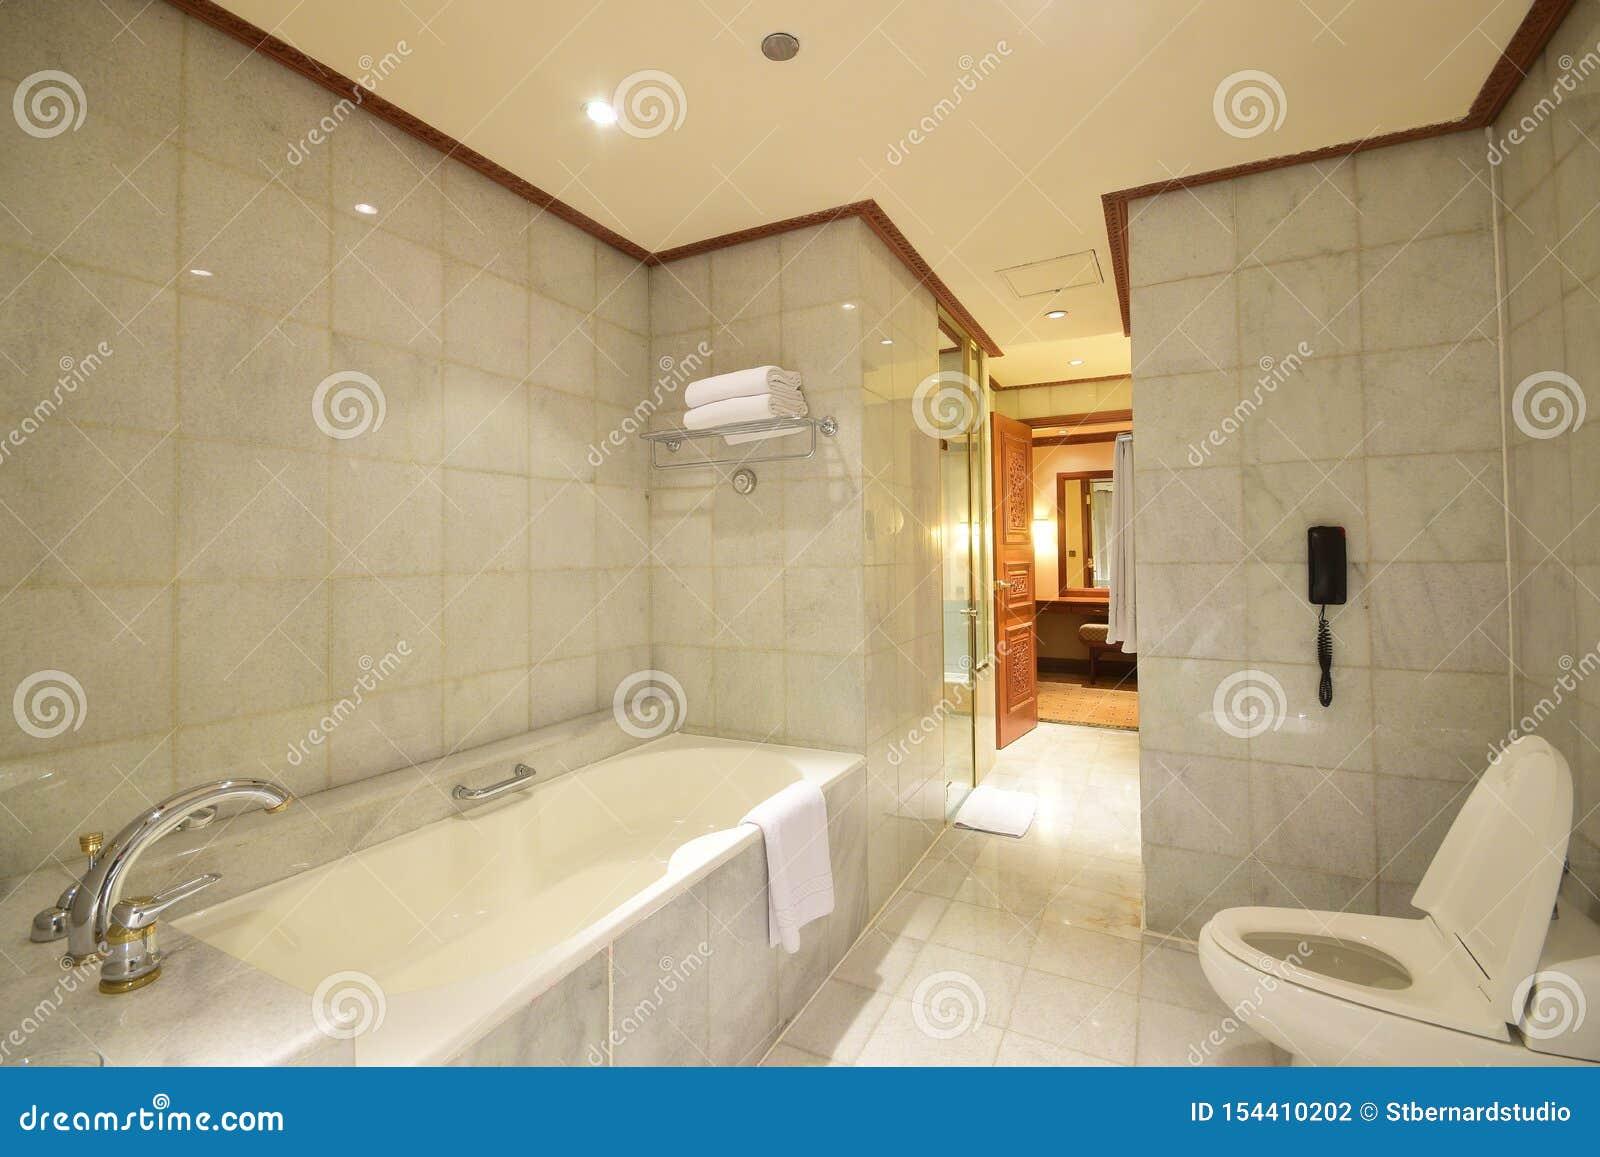 Grande Toilette Avec La Baignoire Utilisant Le Marbre Blanc